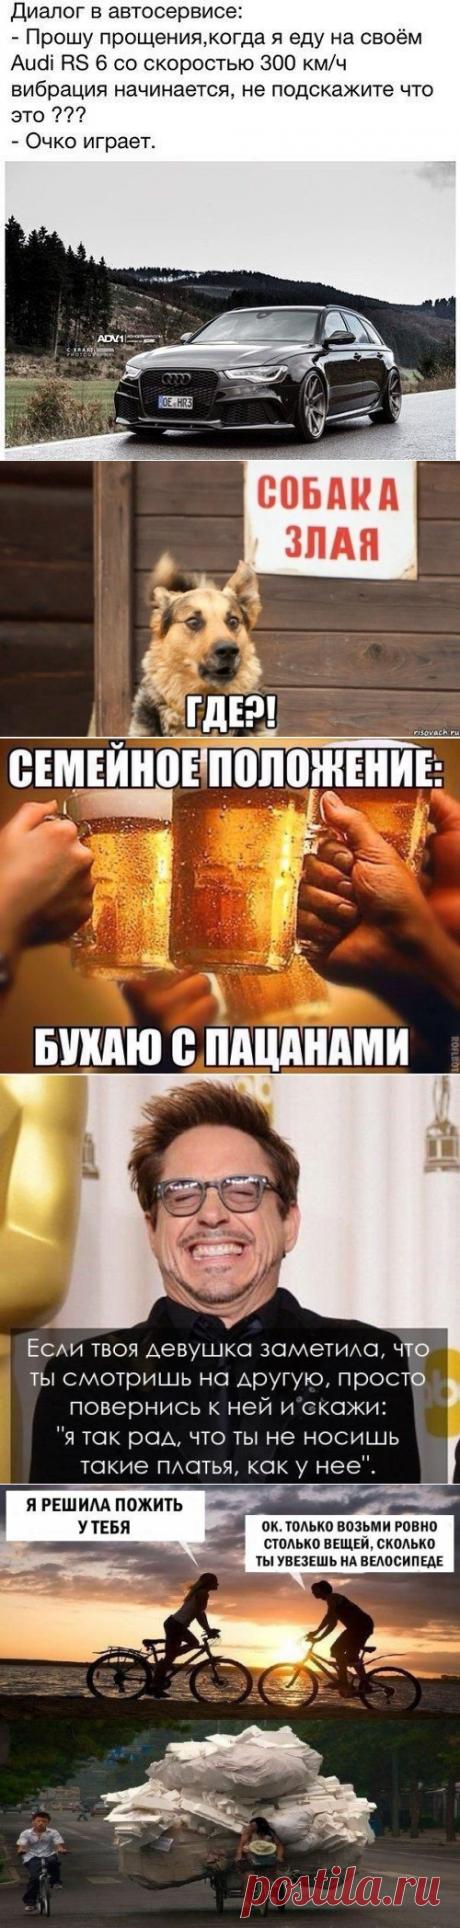 Весёлые картинки из соцсетей / Приколы